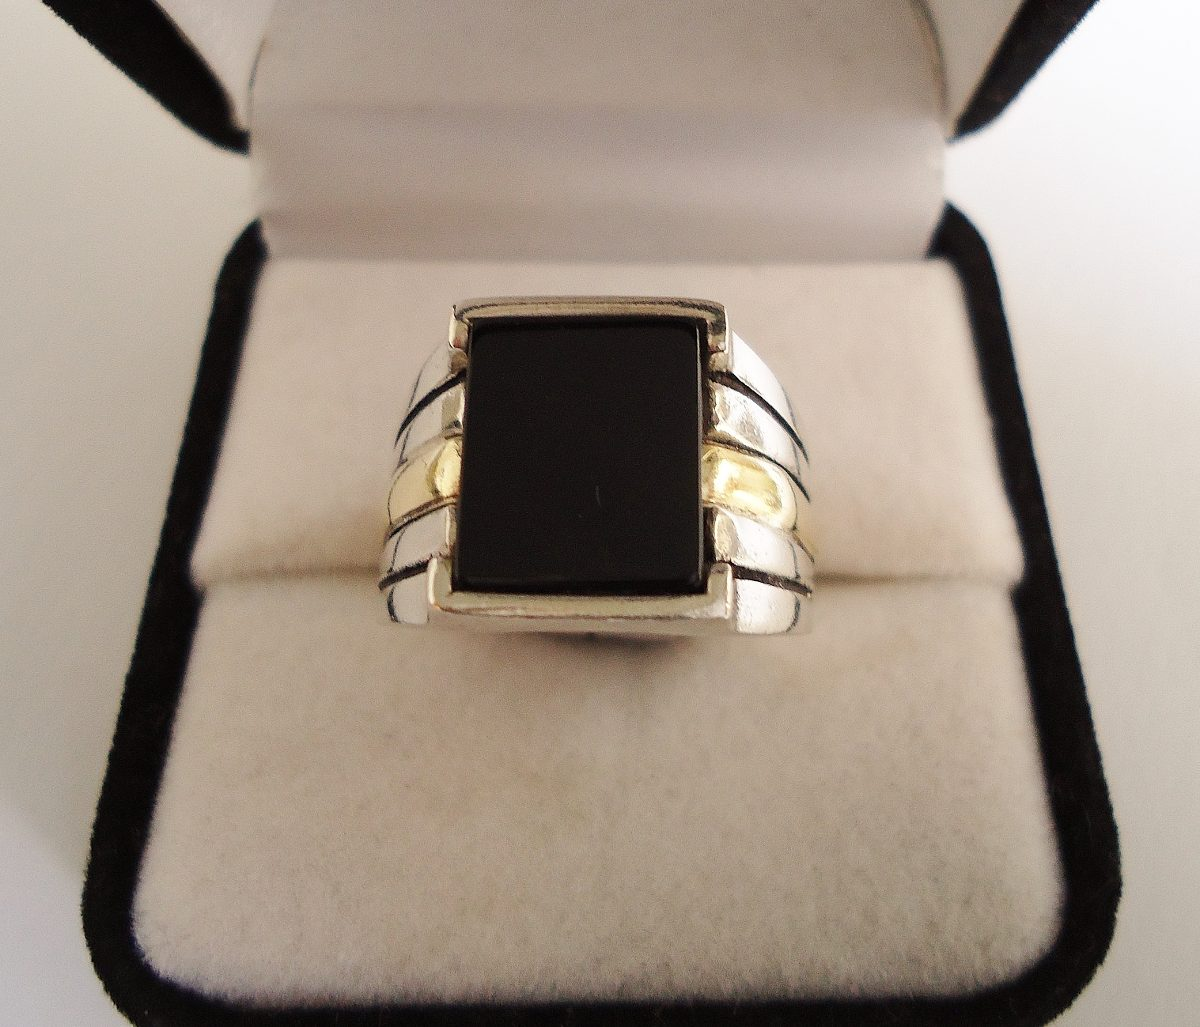 5e875d88b6a7 anillo sello hombre plata y oro ónix rectangular. Cargando zoom.